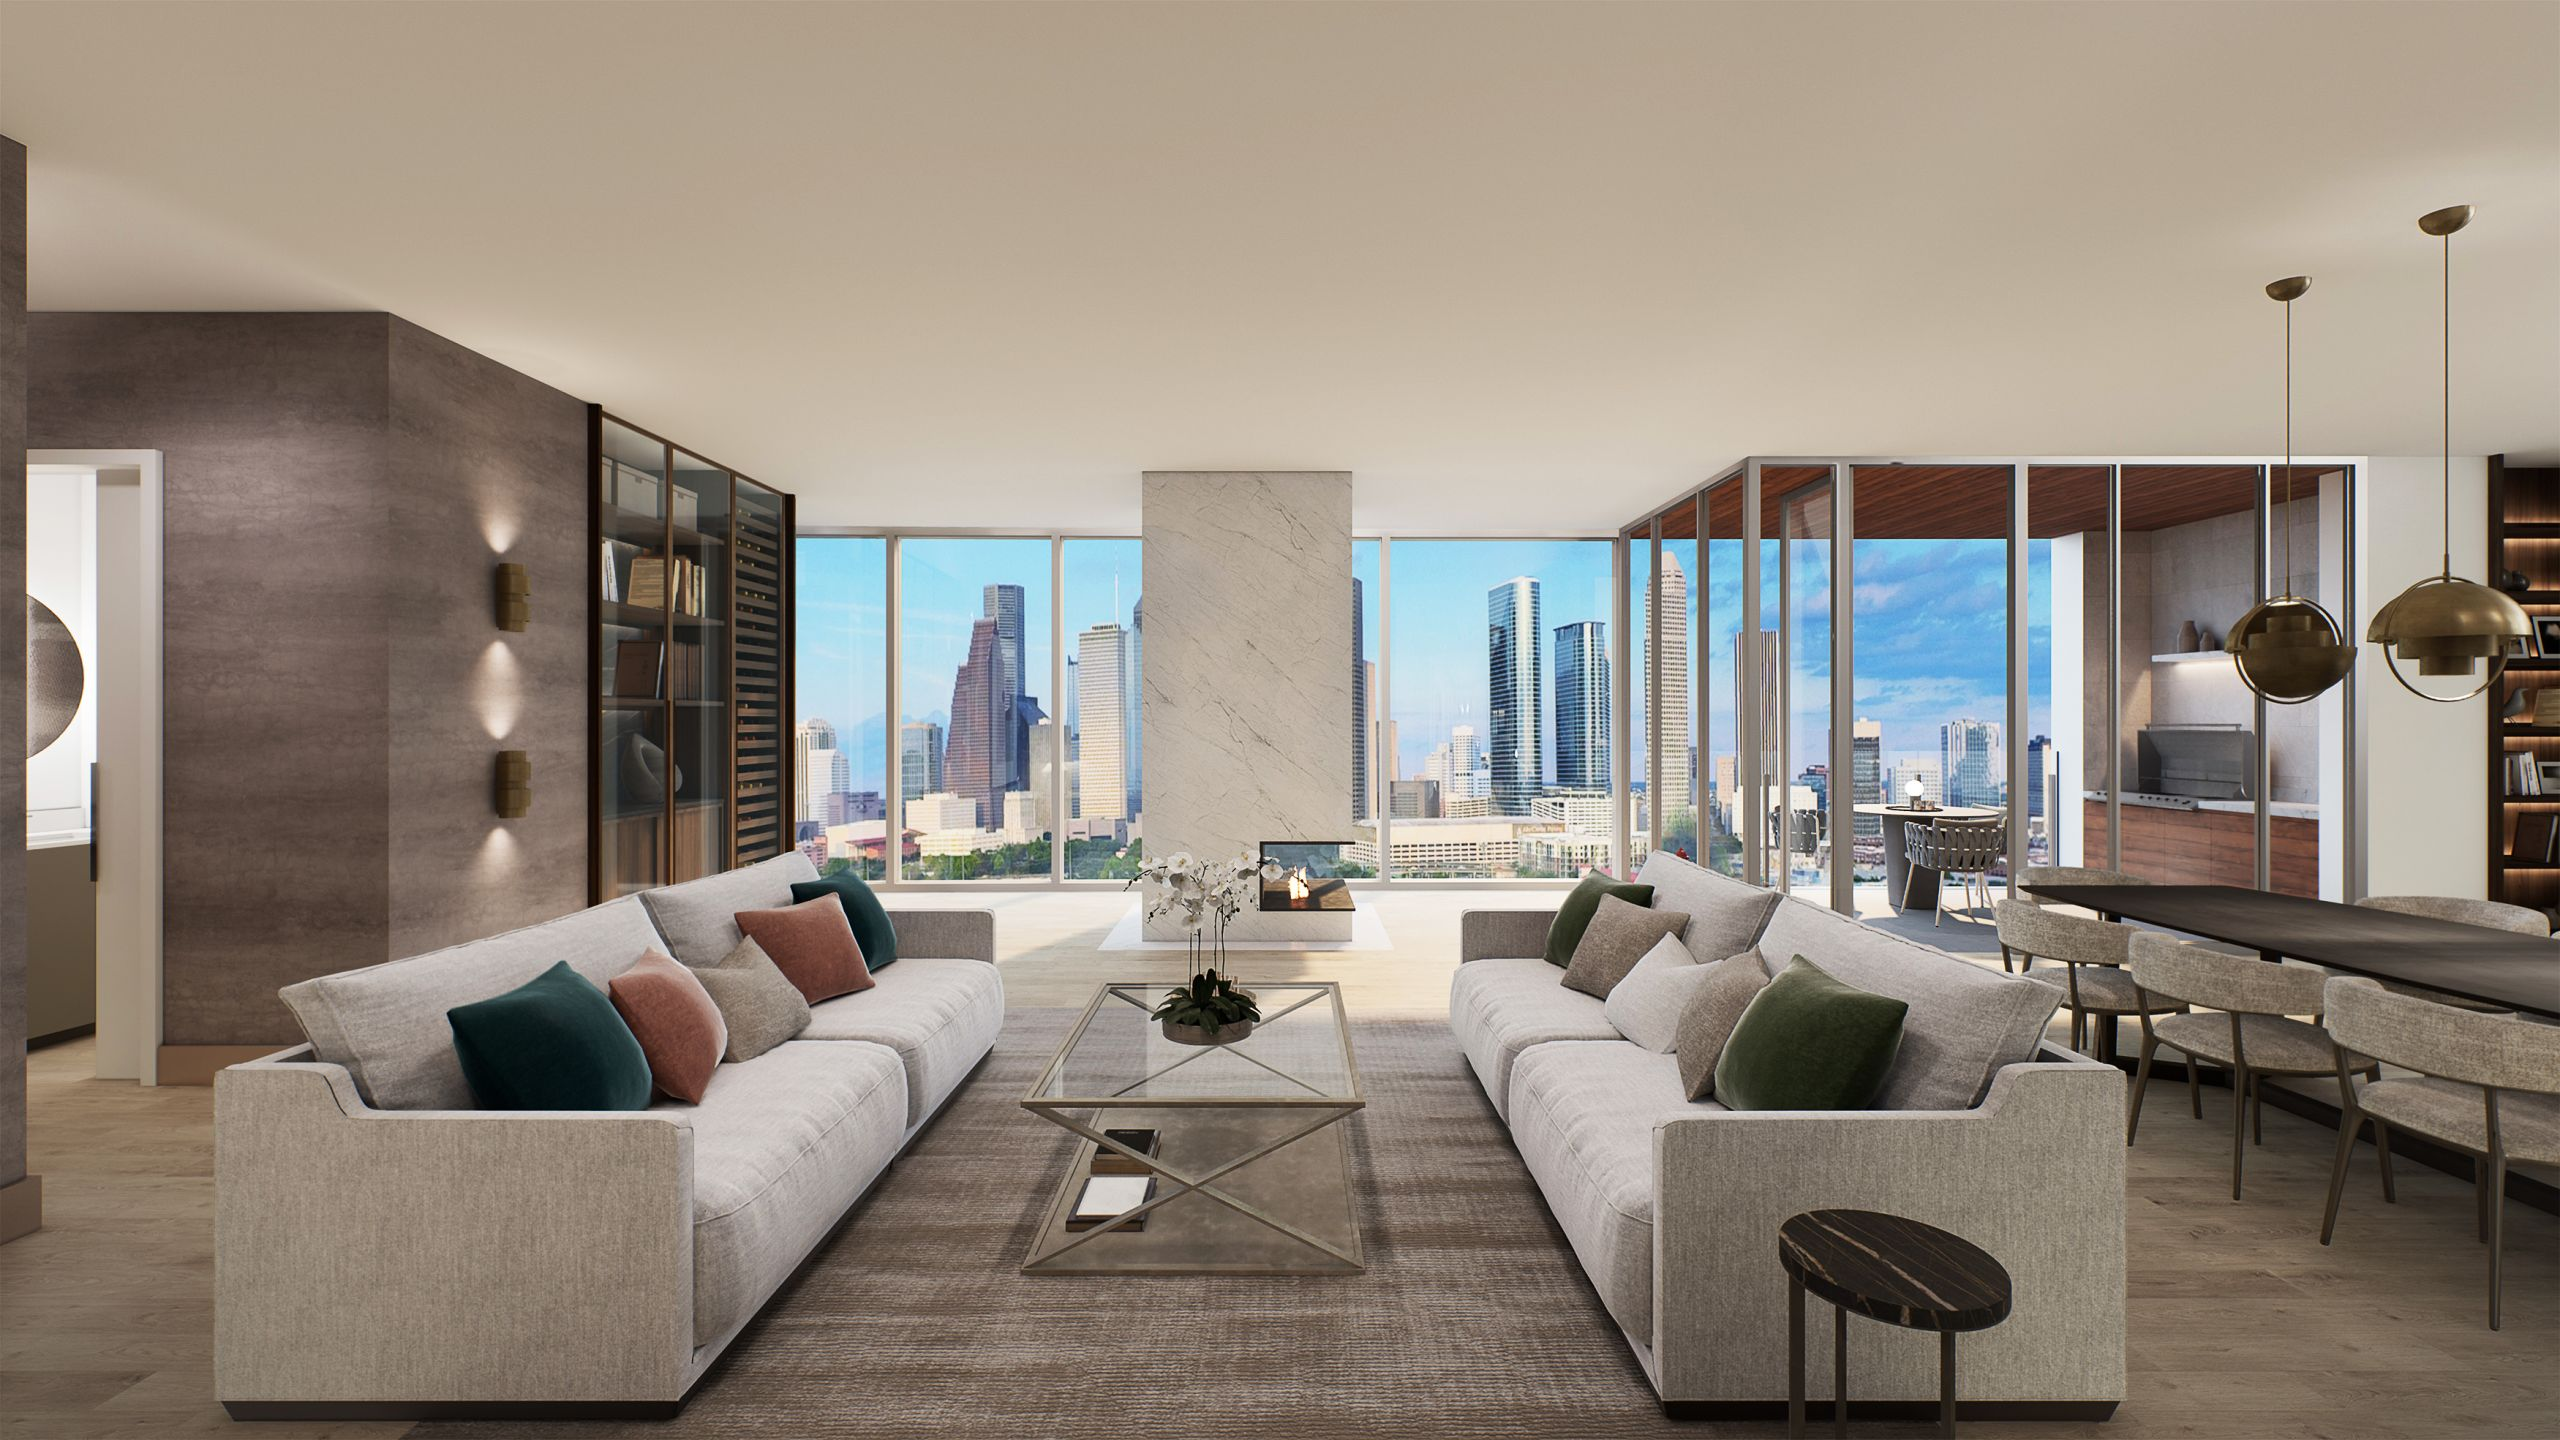 theallen_brochure_06_e-2560x1440 Seeking the Ideal Home in New Luxury Developments